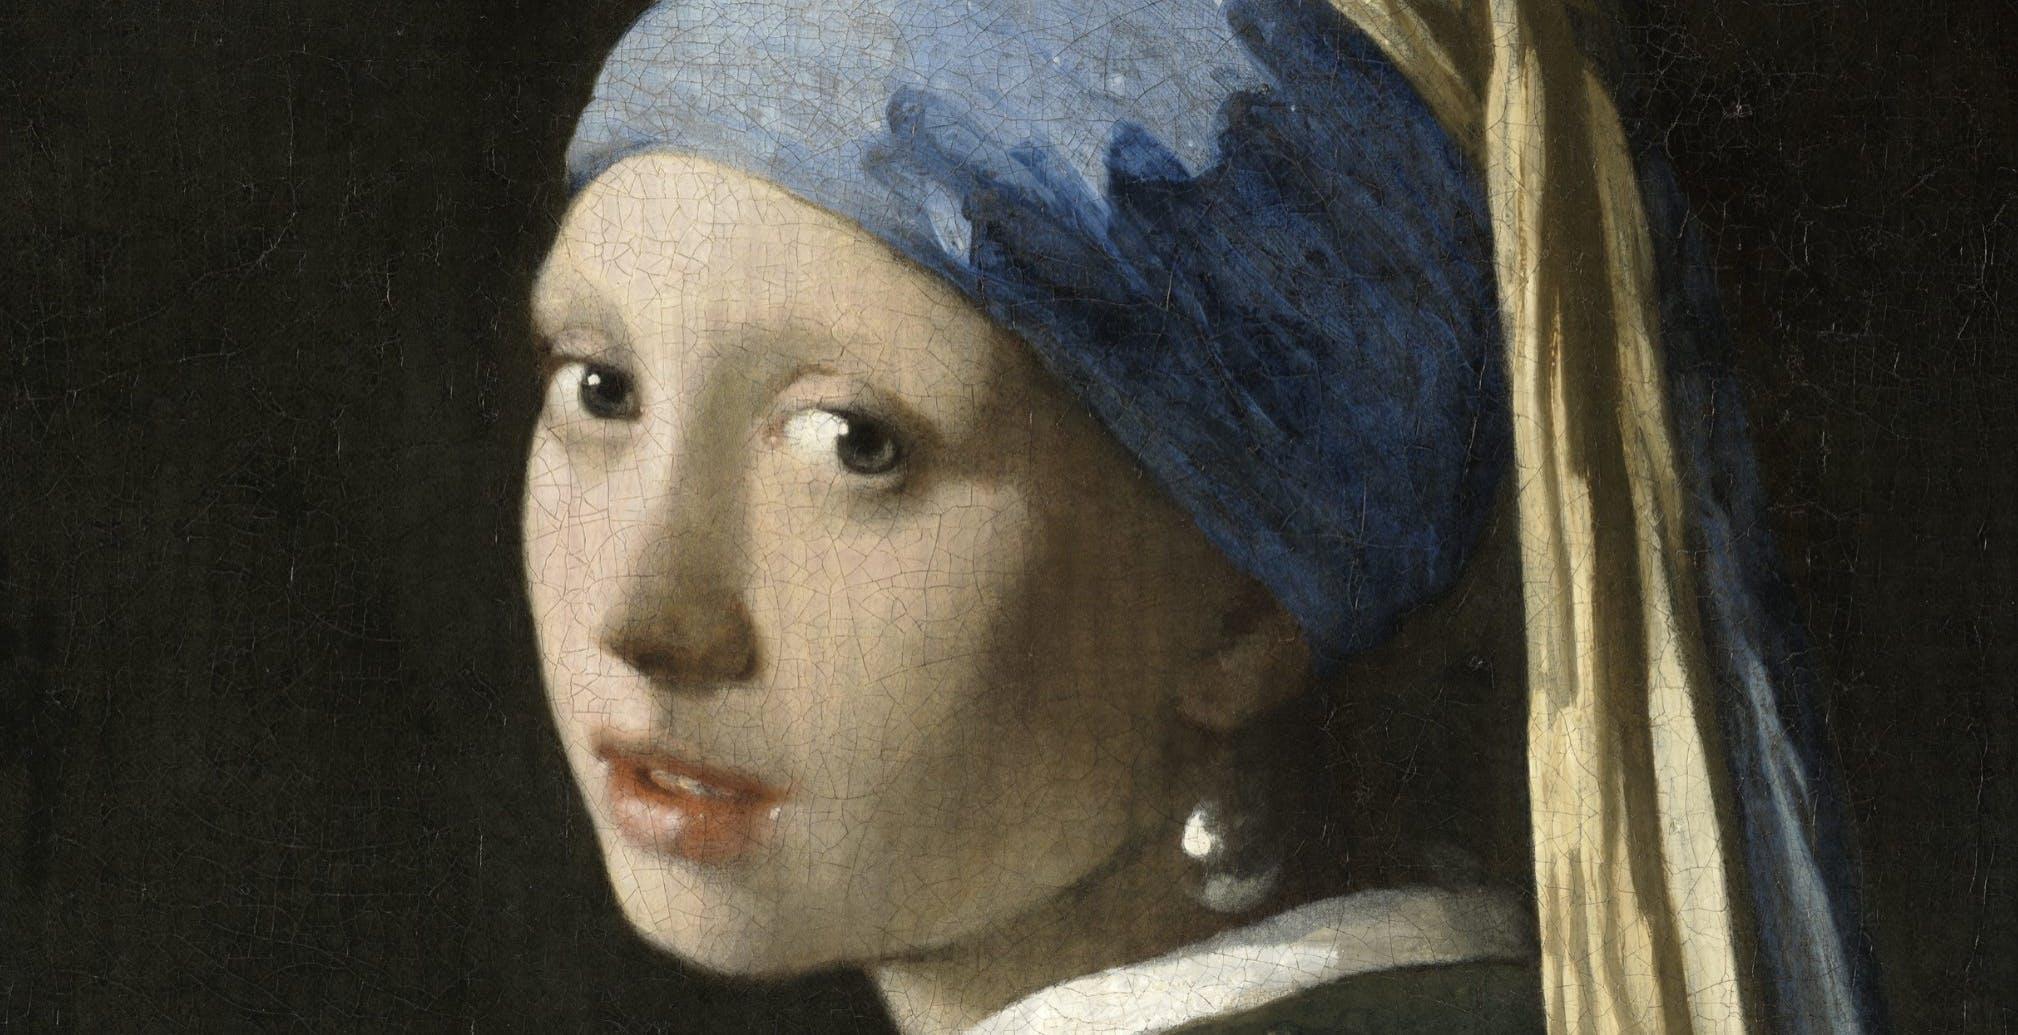 La Ragazza con l'orecchino di perla fotografata a una risoluzione di 10 miliardi di pixel. Il sito interattivo è spettacolare